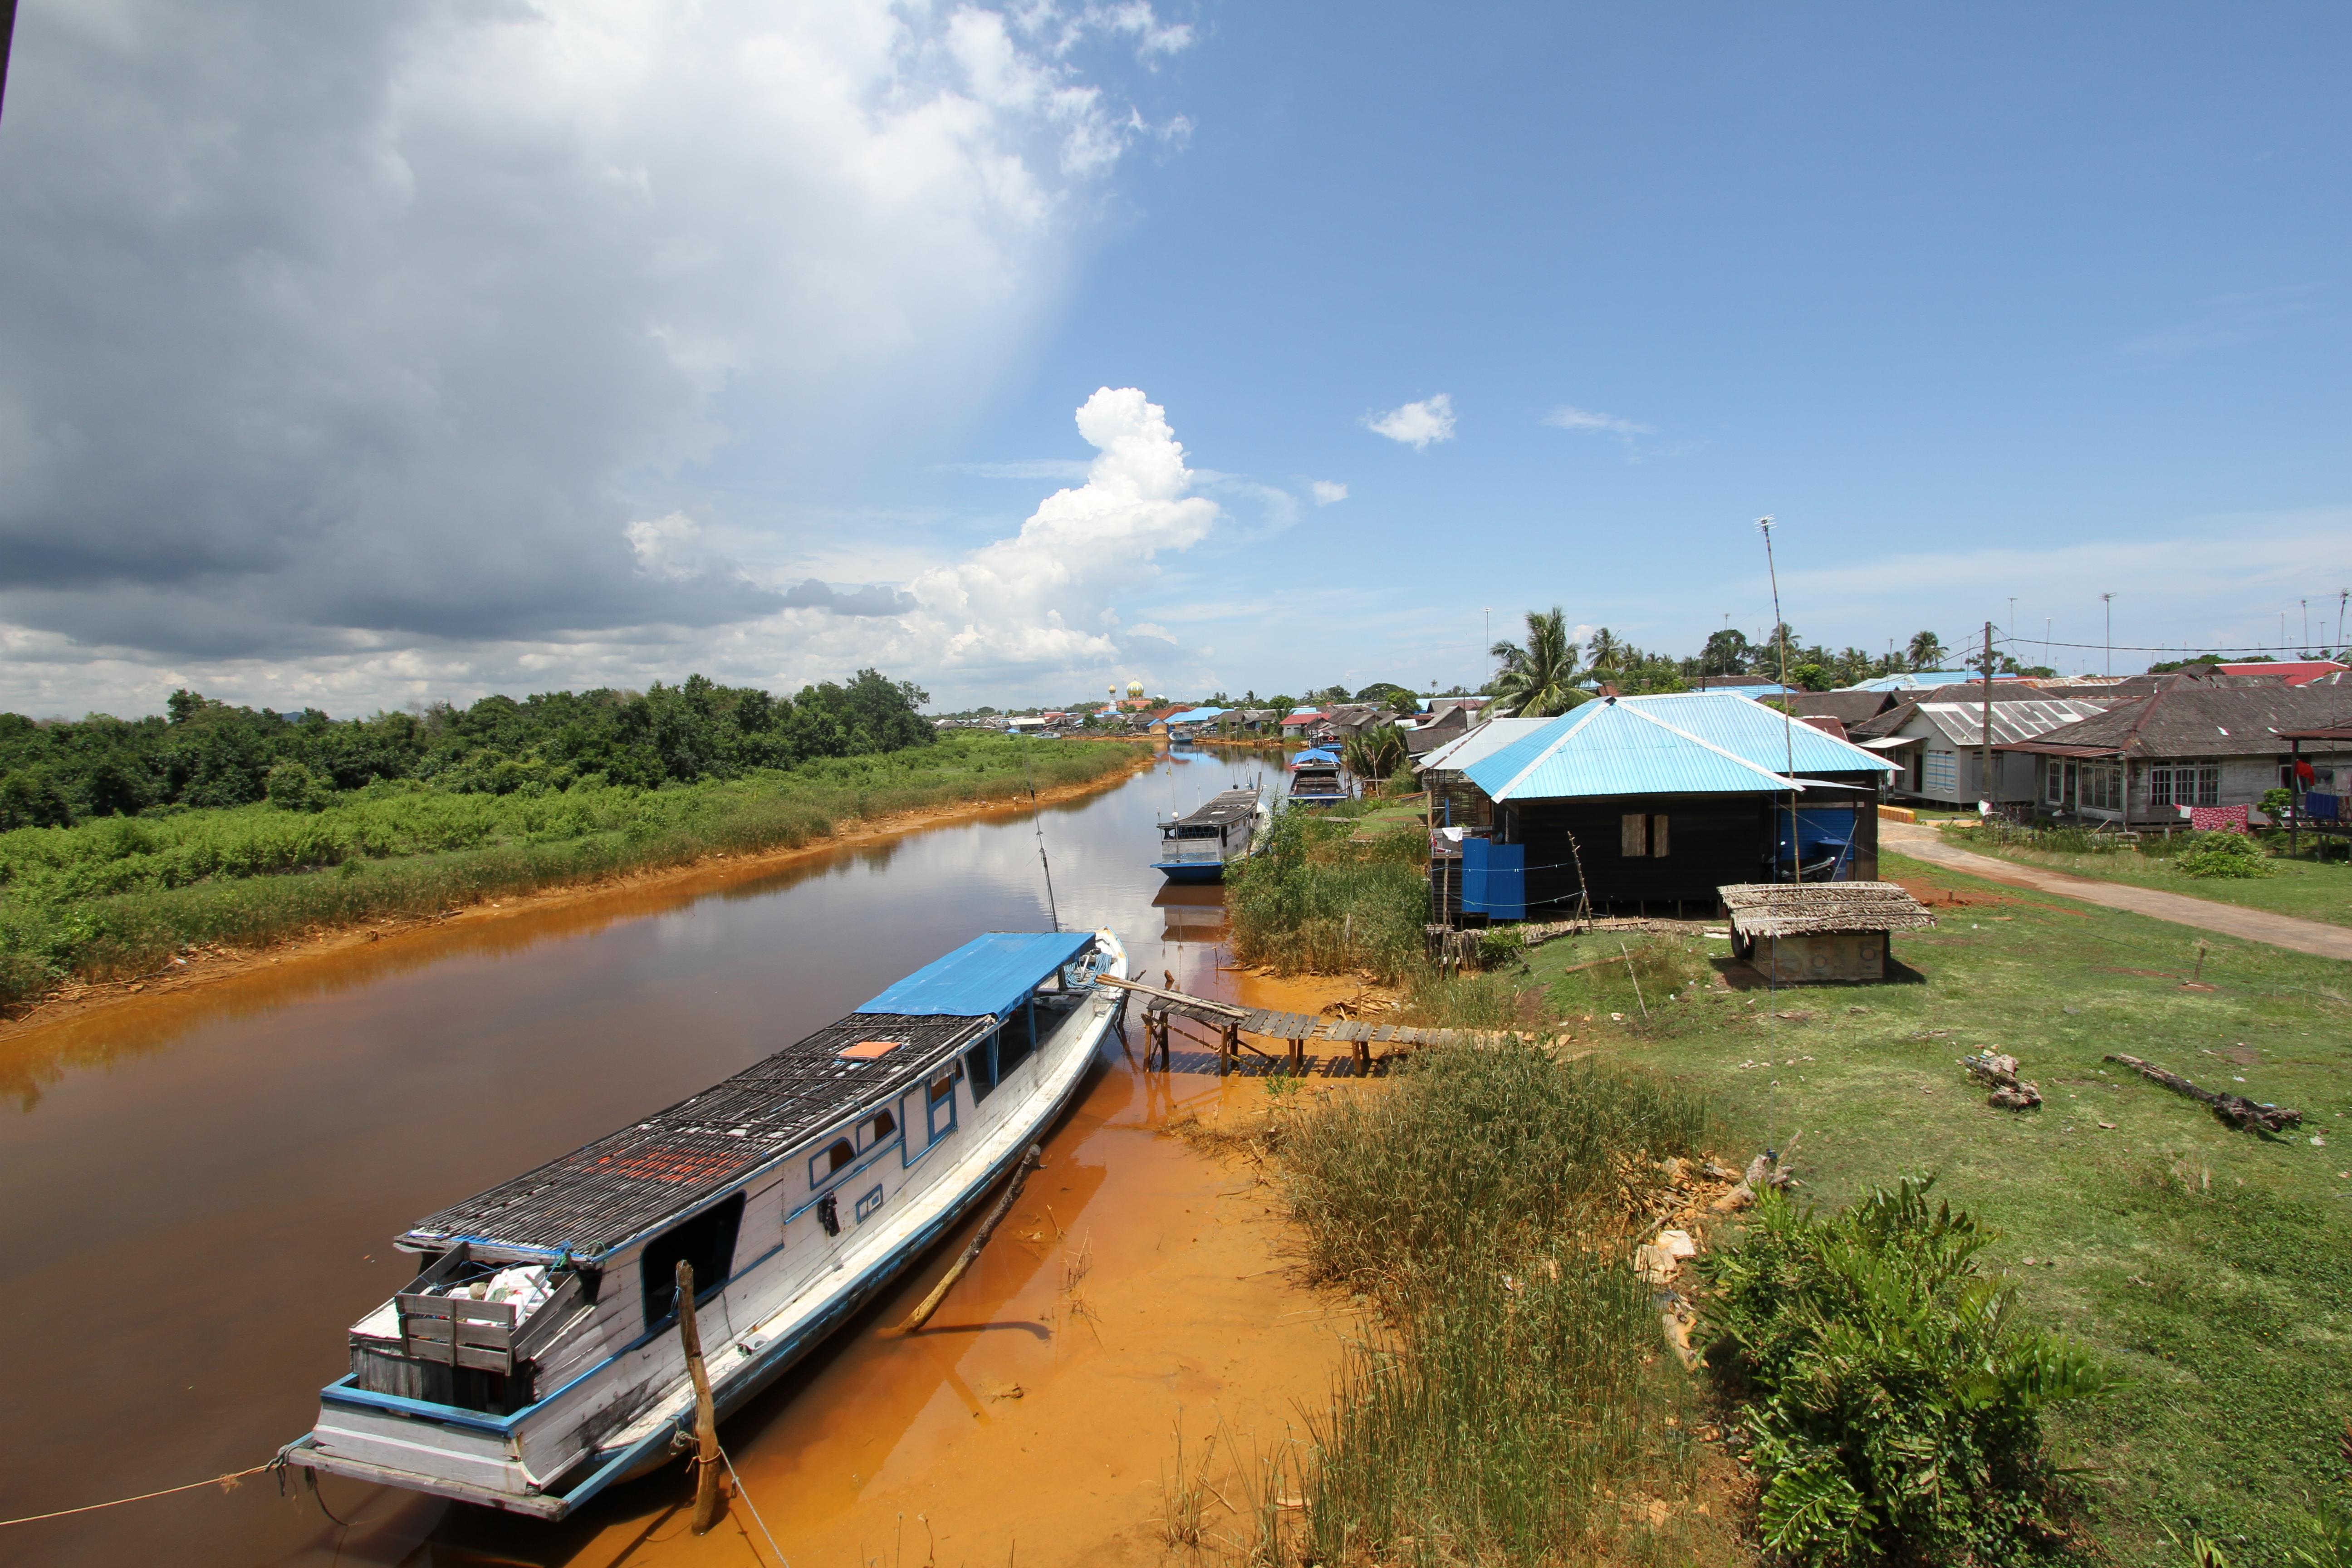 You are currently viewing Keberadaan Benteng Tabanio, Kecamatan Takisung, Kabupaten Tanah Laut Kalimantan Selatan